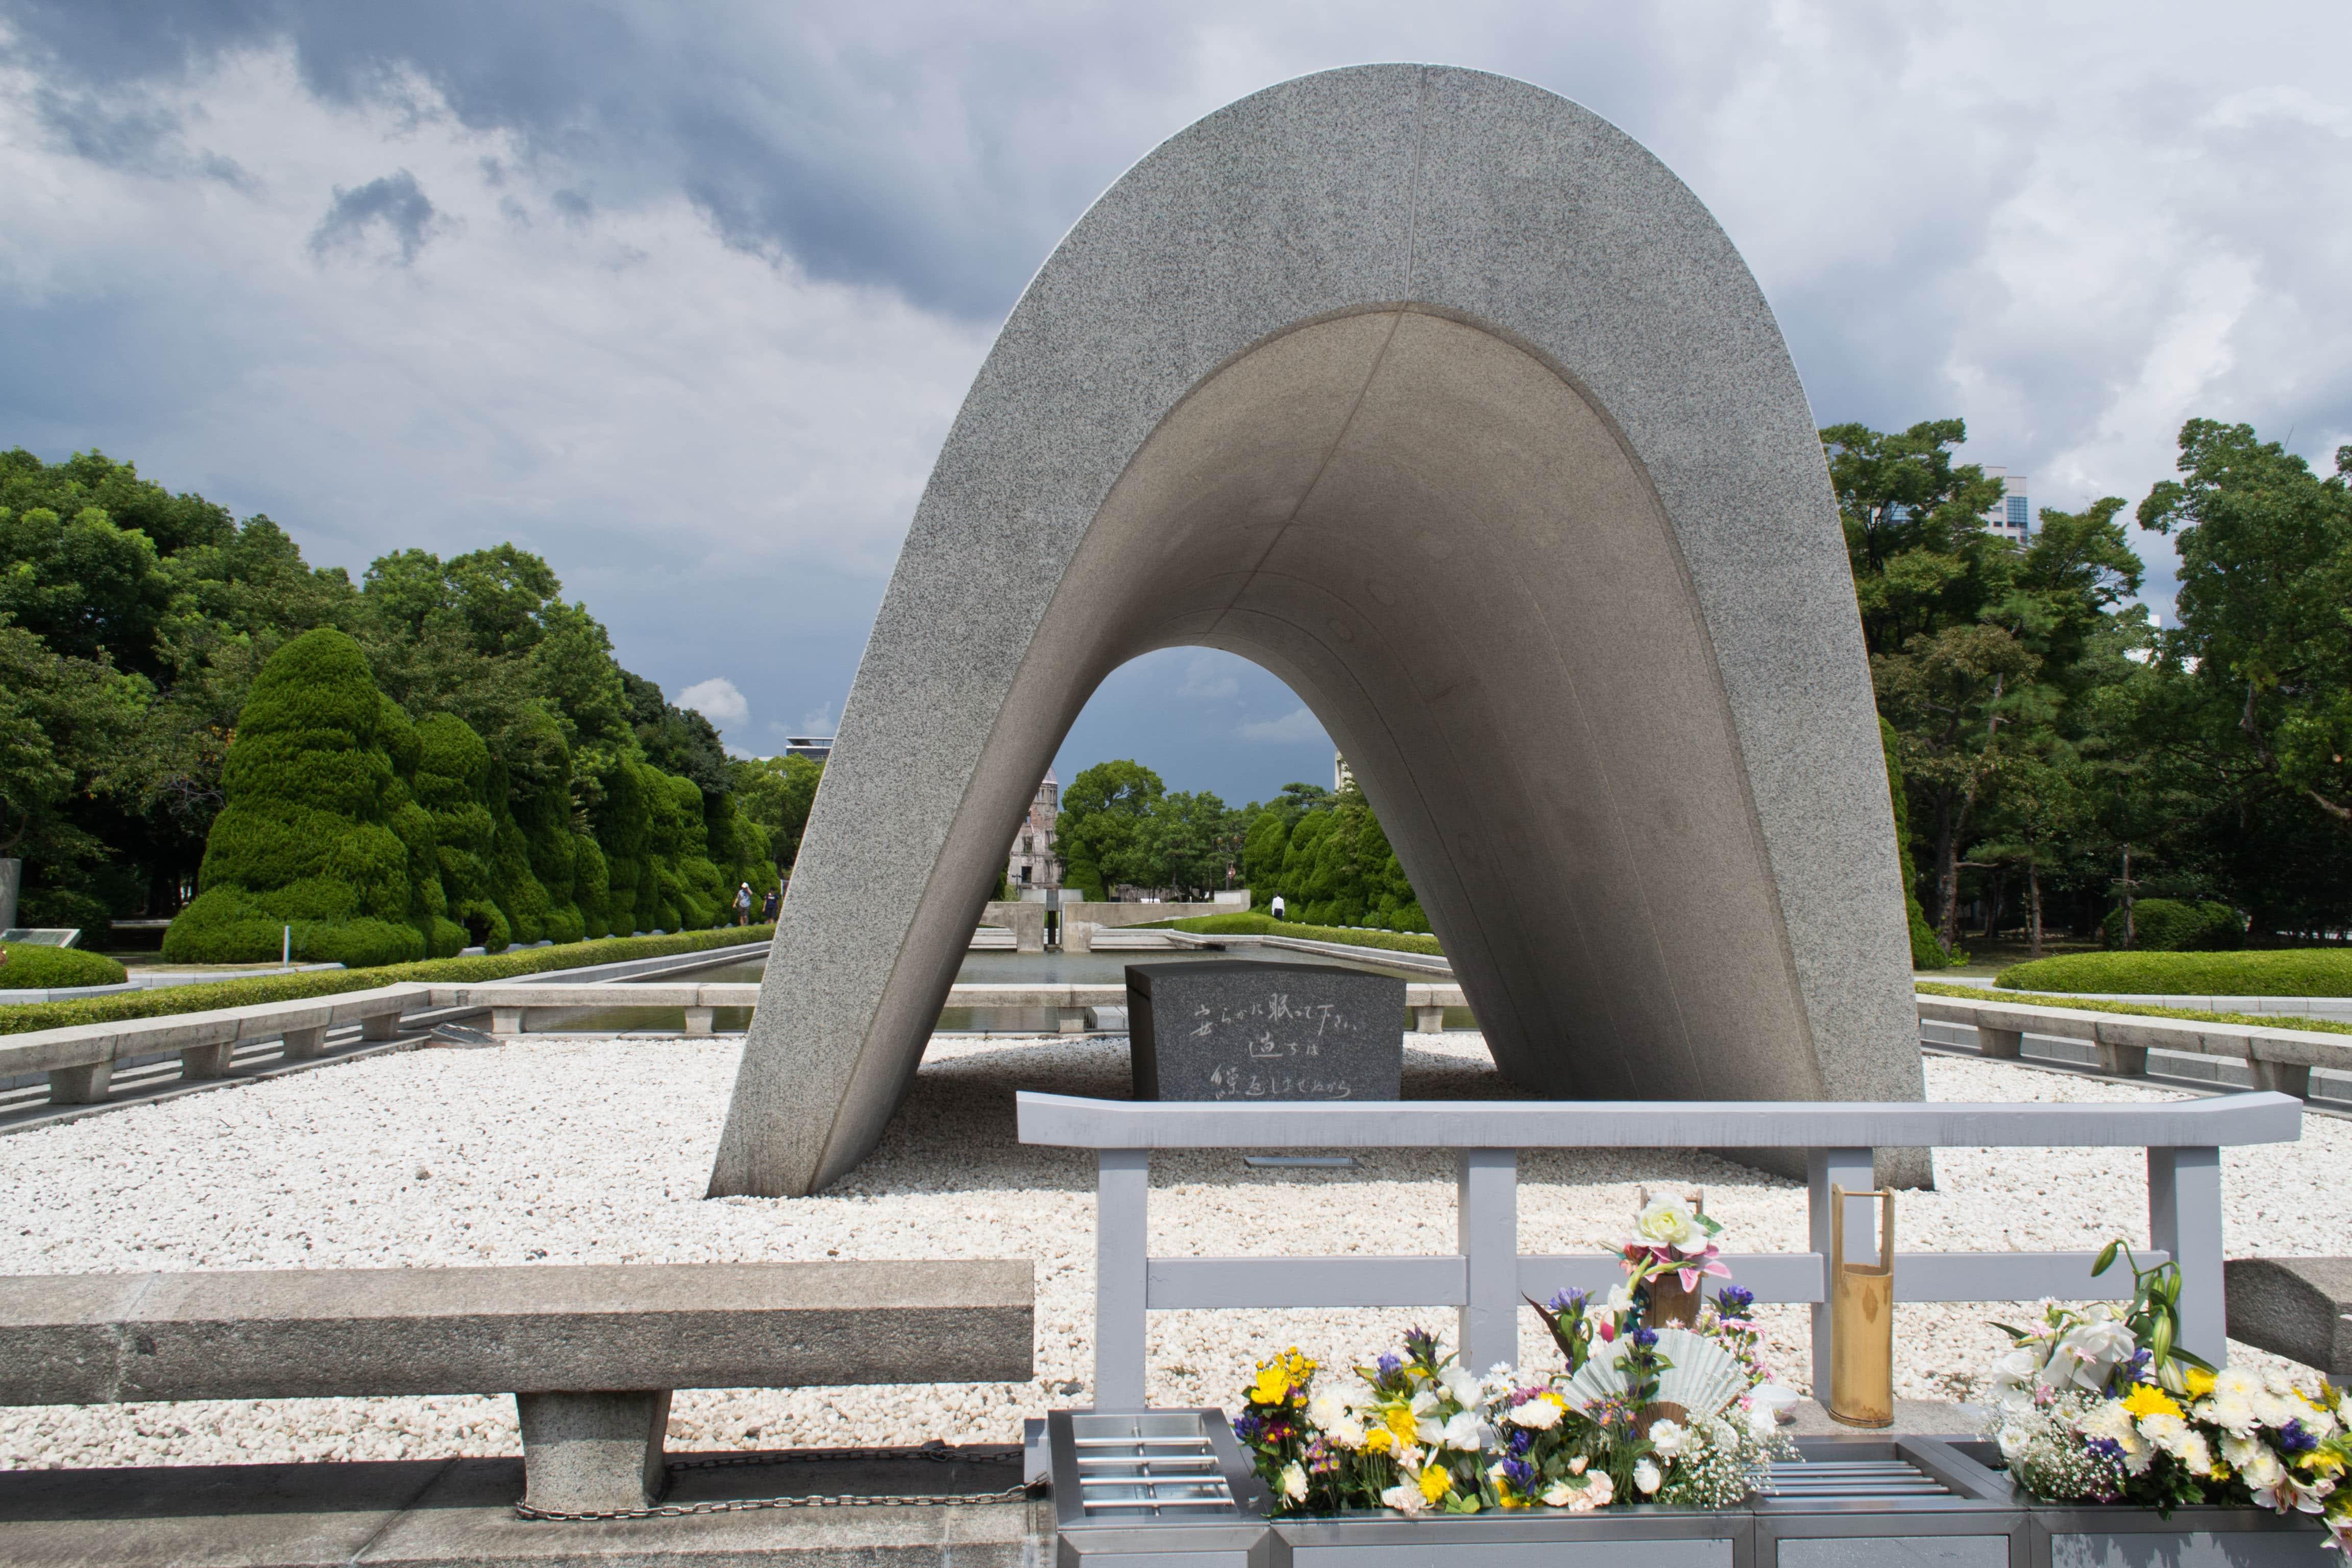 Cufărul cu numele tuturor celor uciși de bomba atomică, observați florile mereu prezente